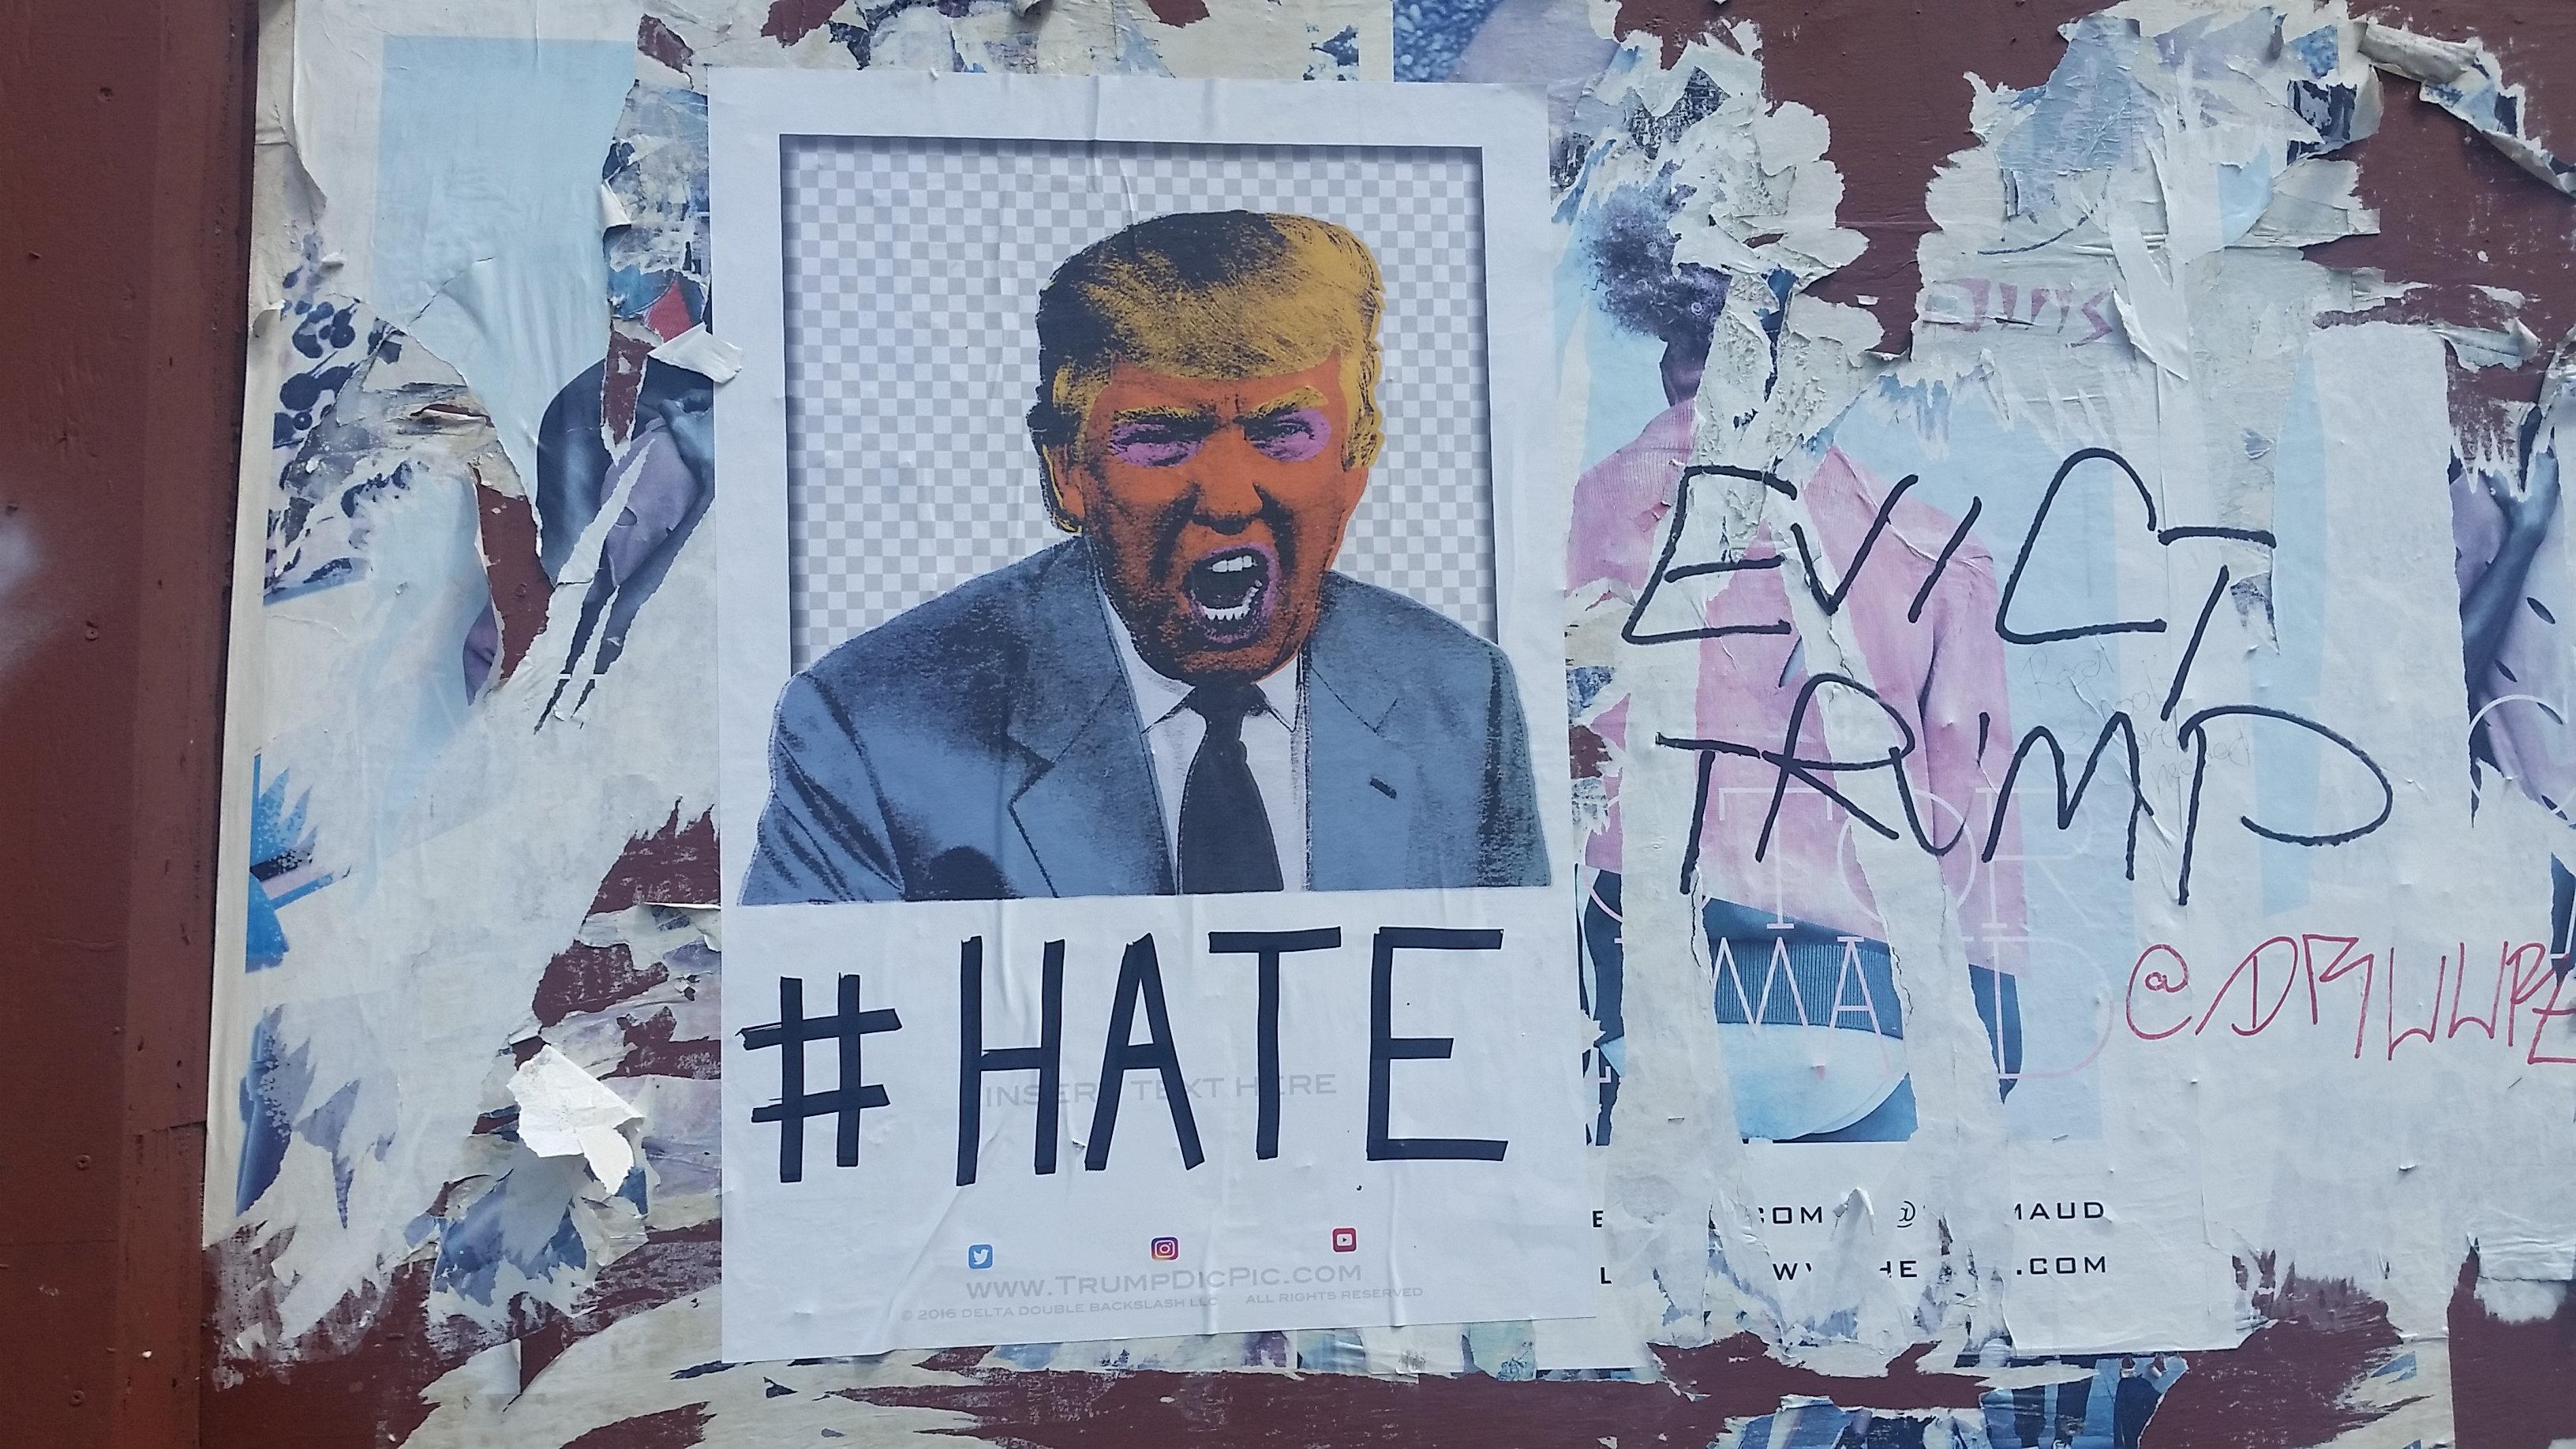 Ο Τραμπ κατηγορεί (ξανά) τα μέσα κοινωνικής δικτύωσης για «λογοκρισία» σε βάρος της